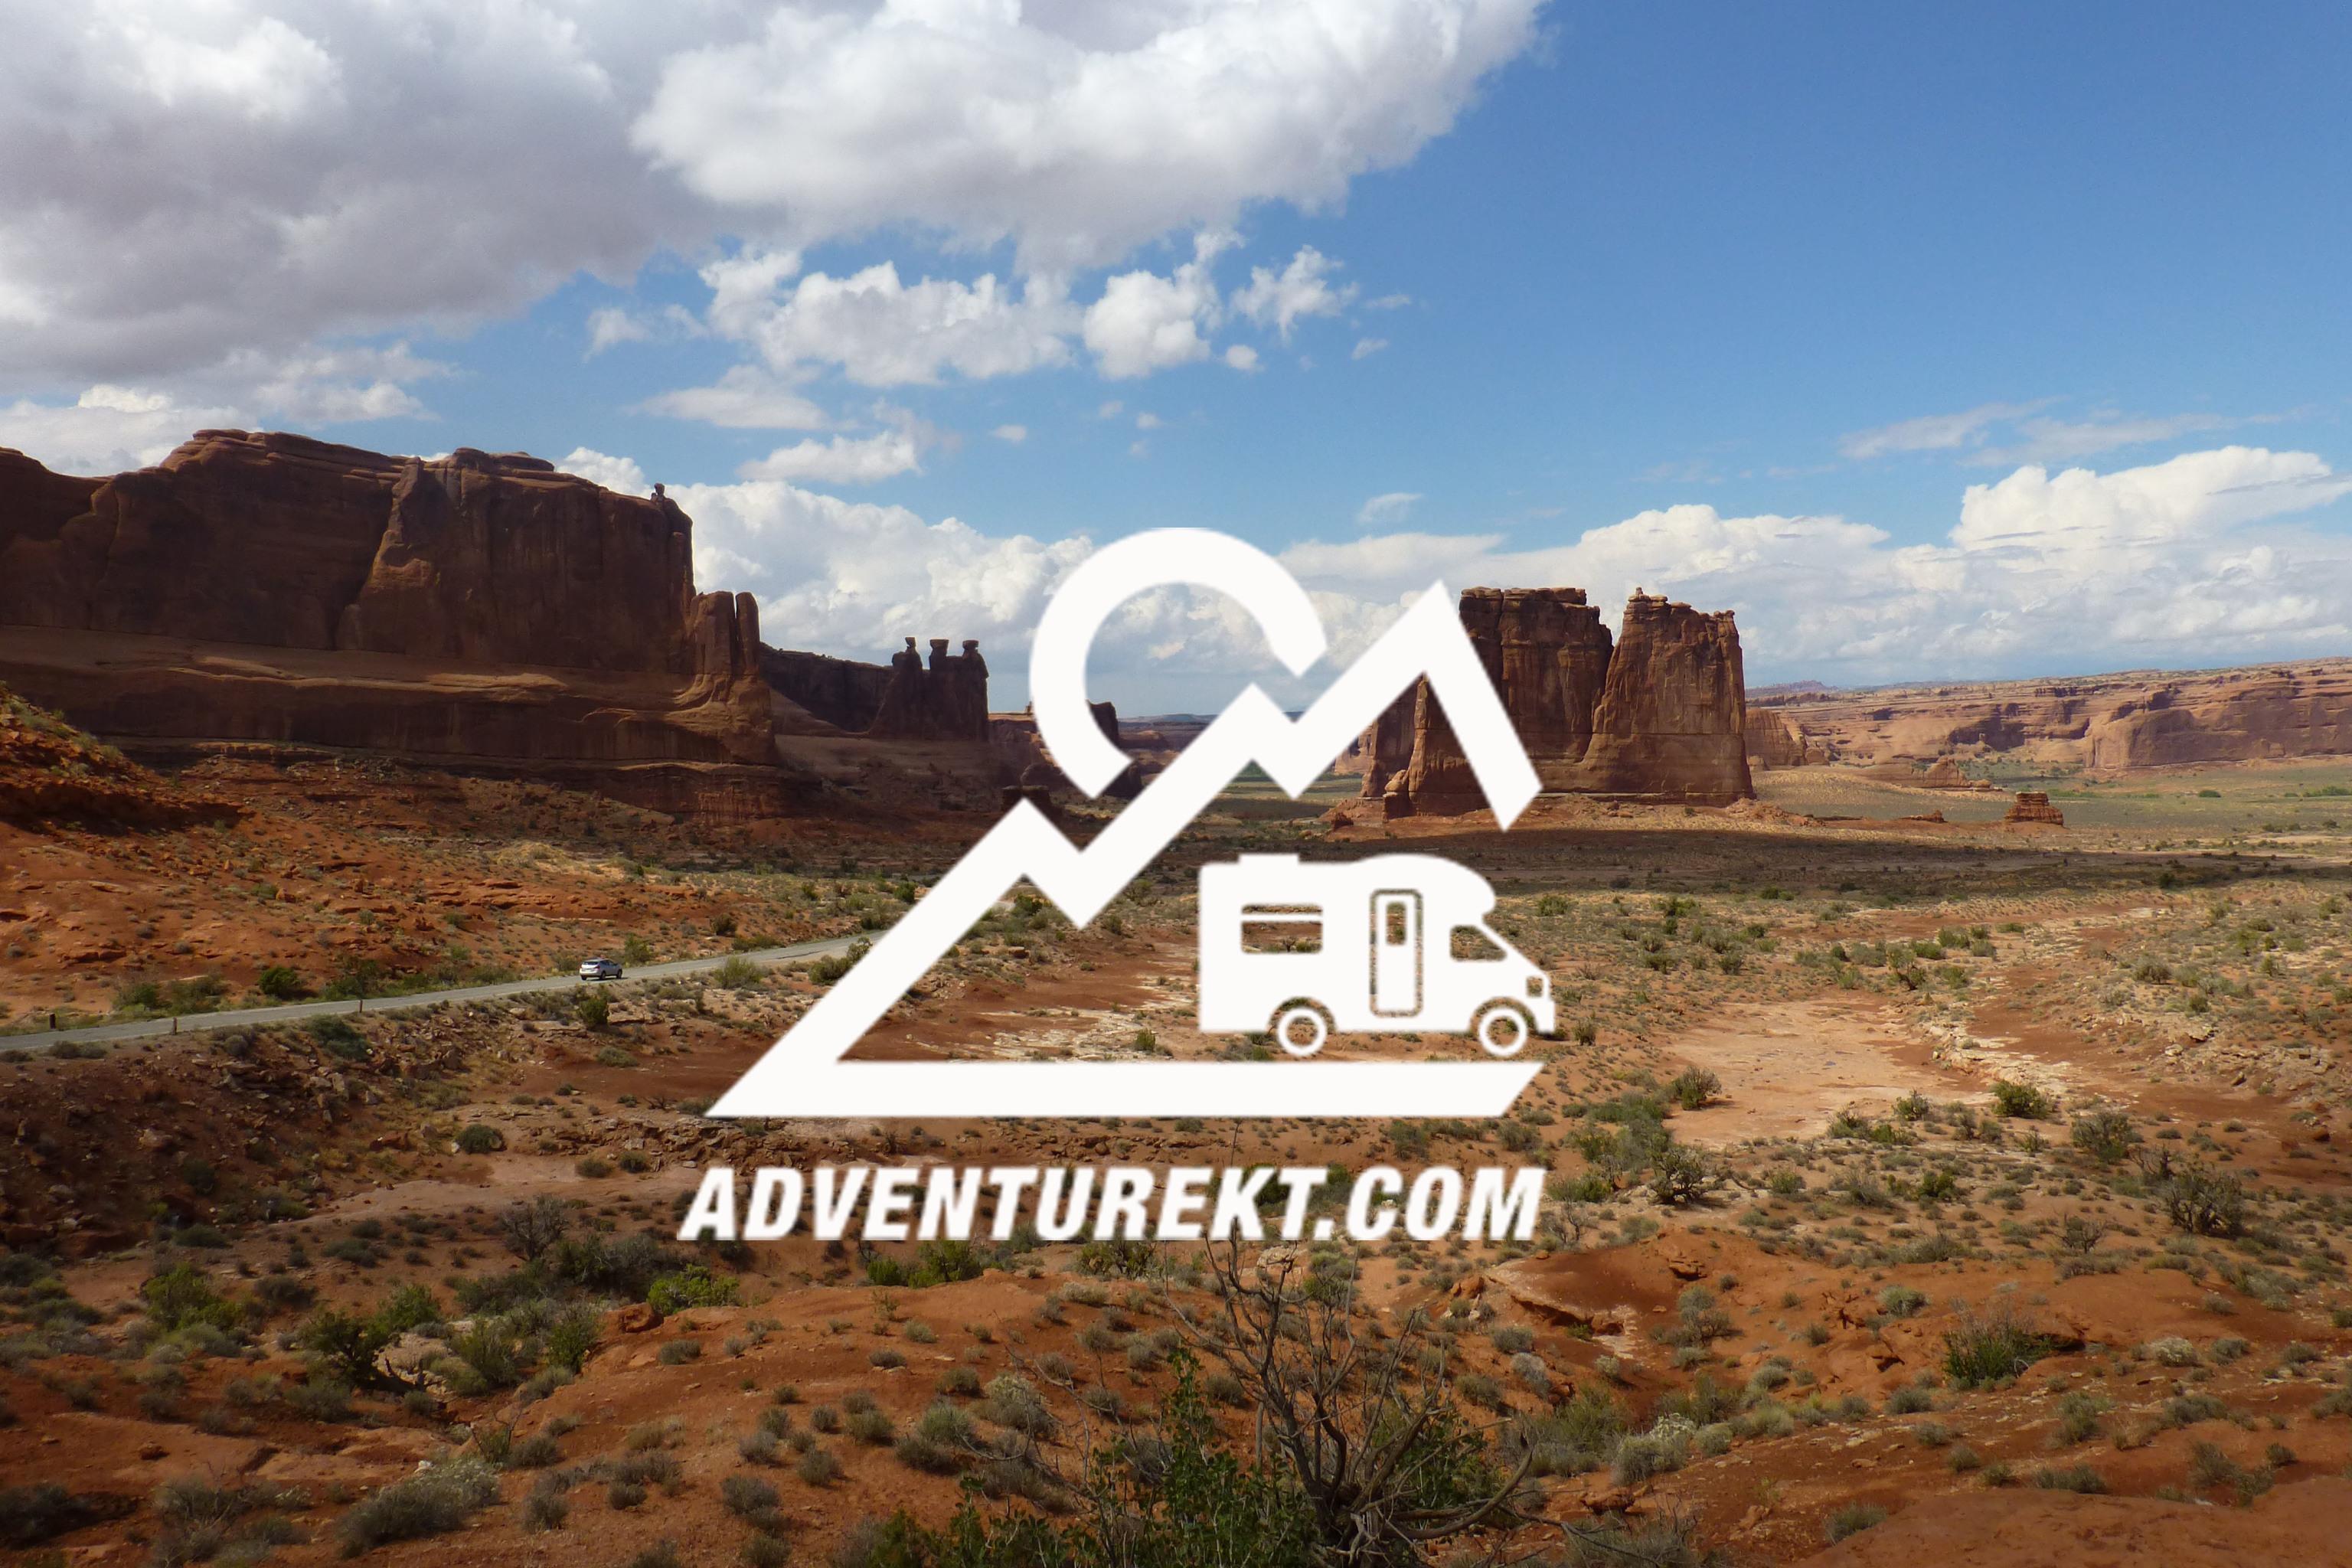 Adventure KT